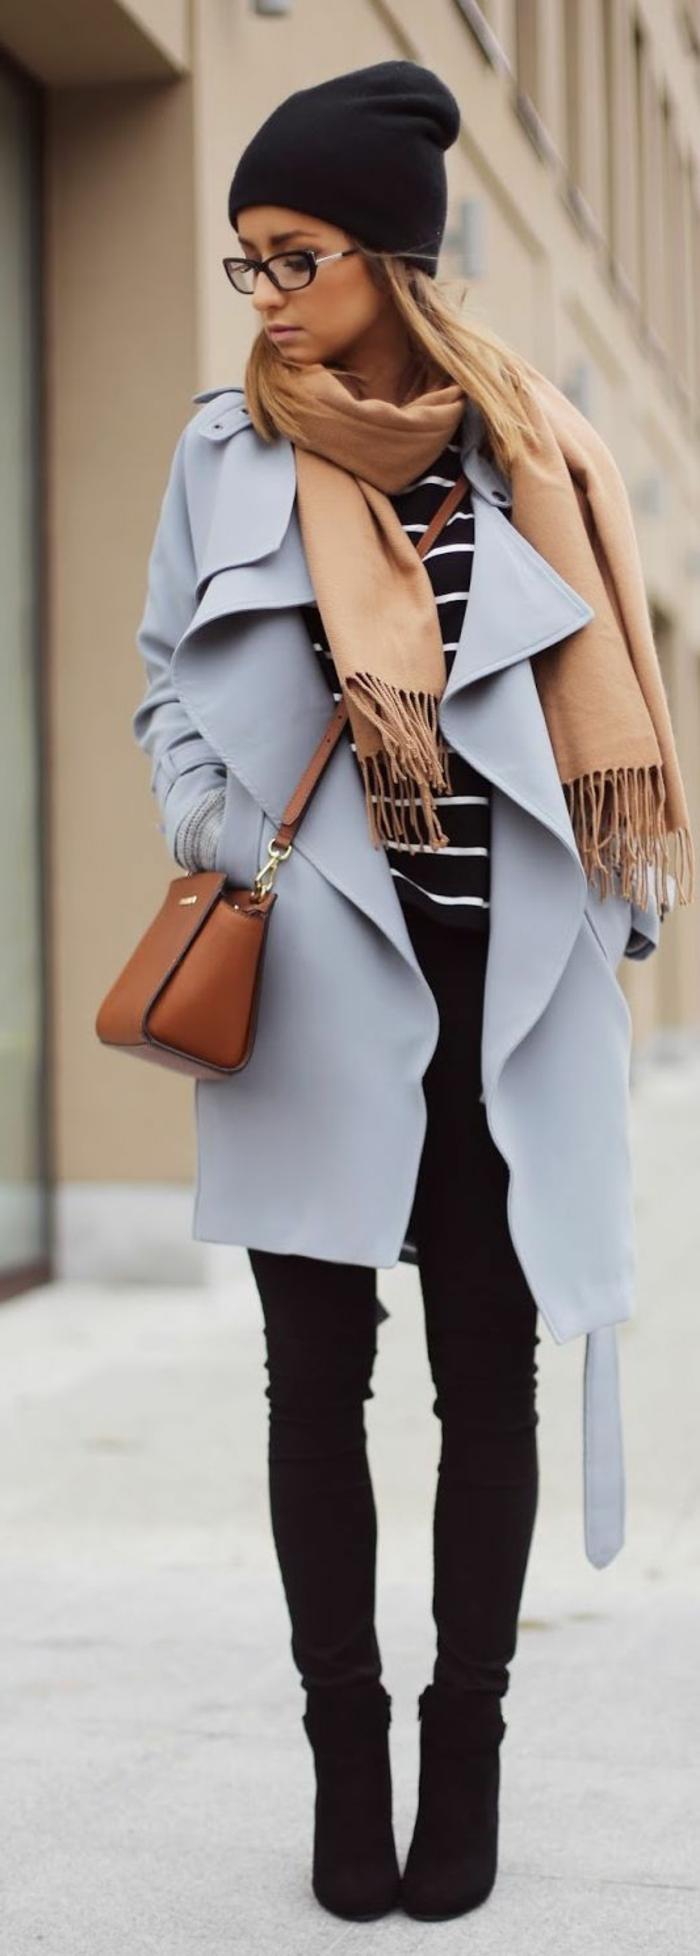 1-manteau-long-gris-cheveux-blondes-sac-a-main-en-cuir-marron-t-shirt-aux-rayures